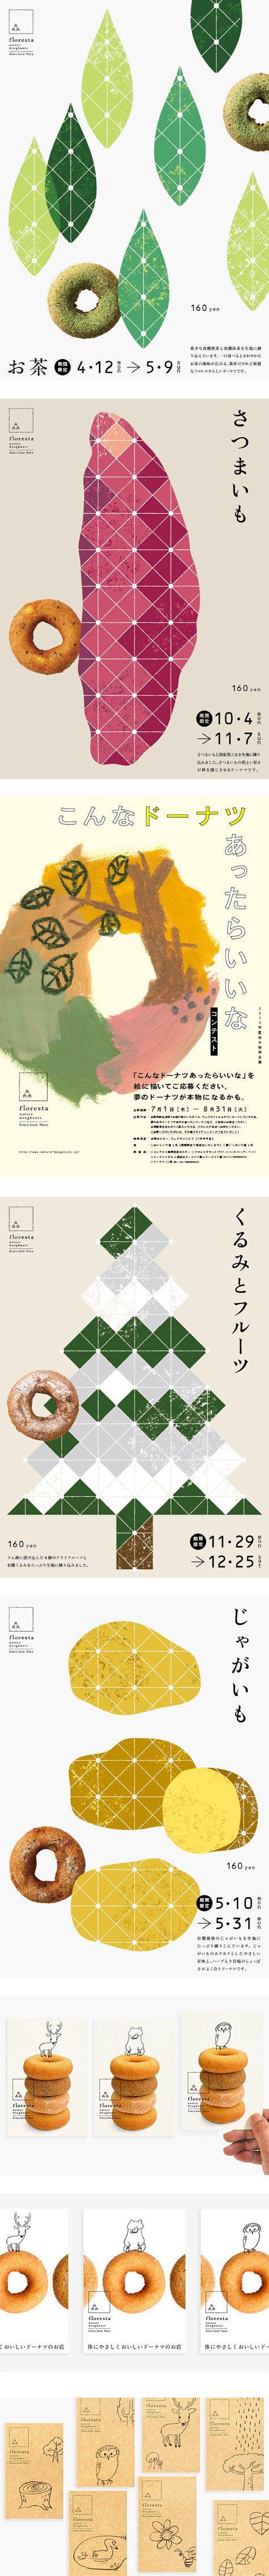 日式海报 画册欣赏|海报设计|平面设计 - 设计佳作欣赏 - 站酷 (ZCOOL)